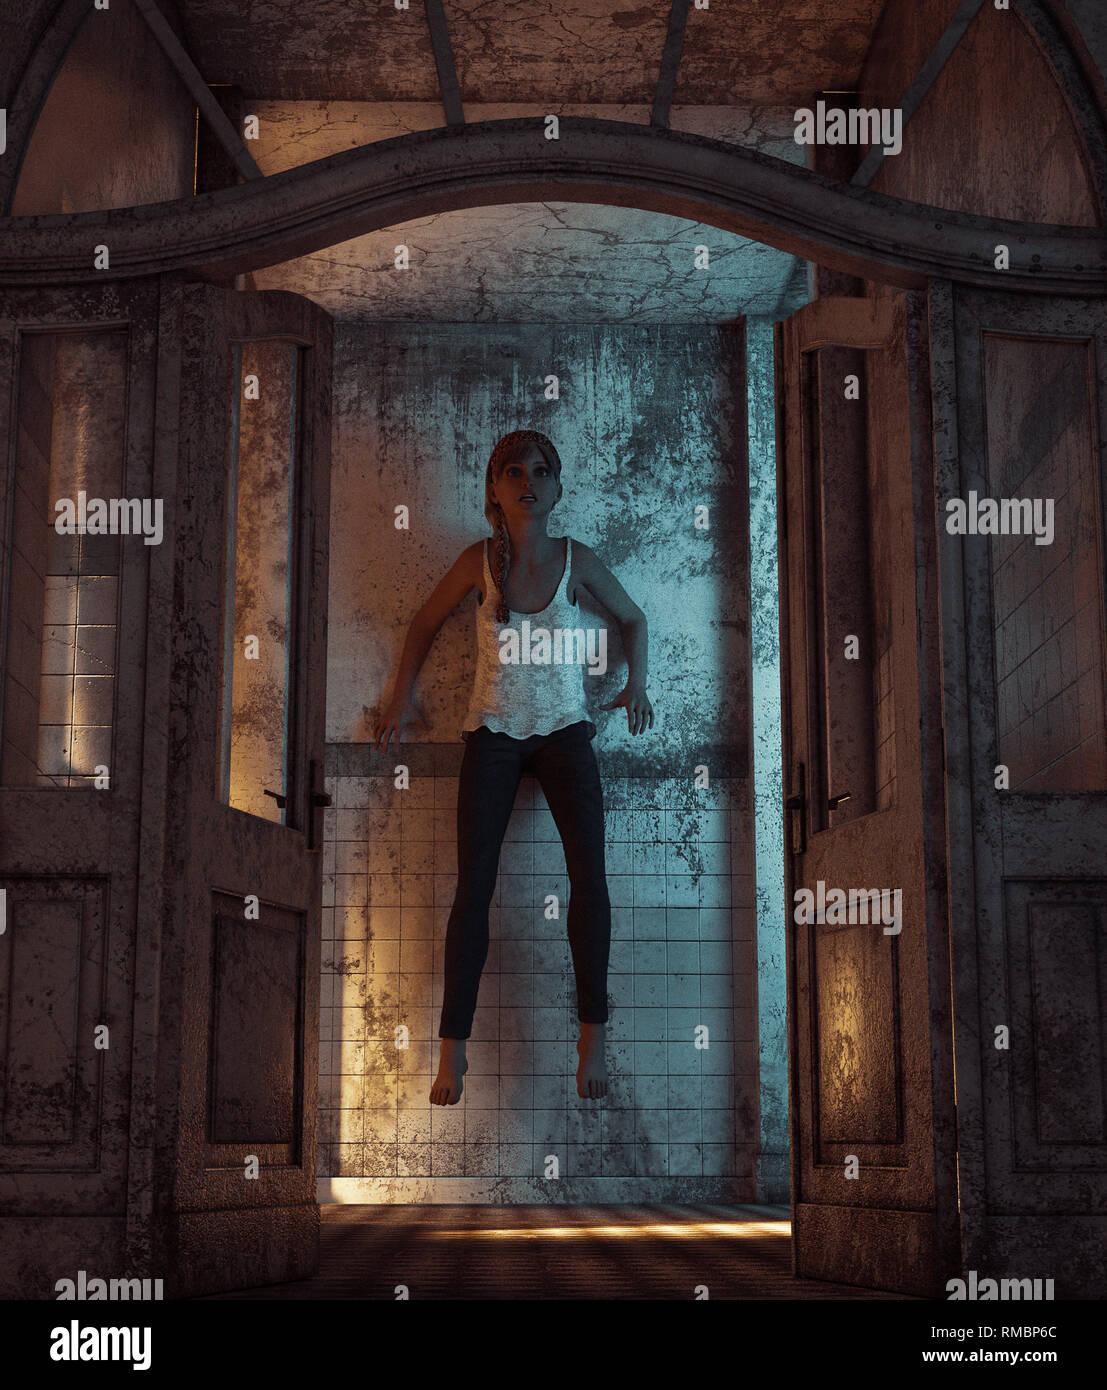 Vengeance Fille De La Nuit : vengeance, fille, Fille, Vengeance, Maison, Hantée,, Rendu, 3D,**, Scène, Peuvent, Avoir, Bruit, Photo, Stock, Alamy